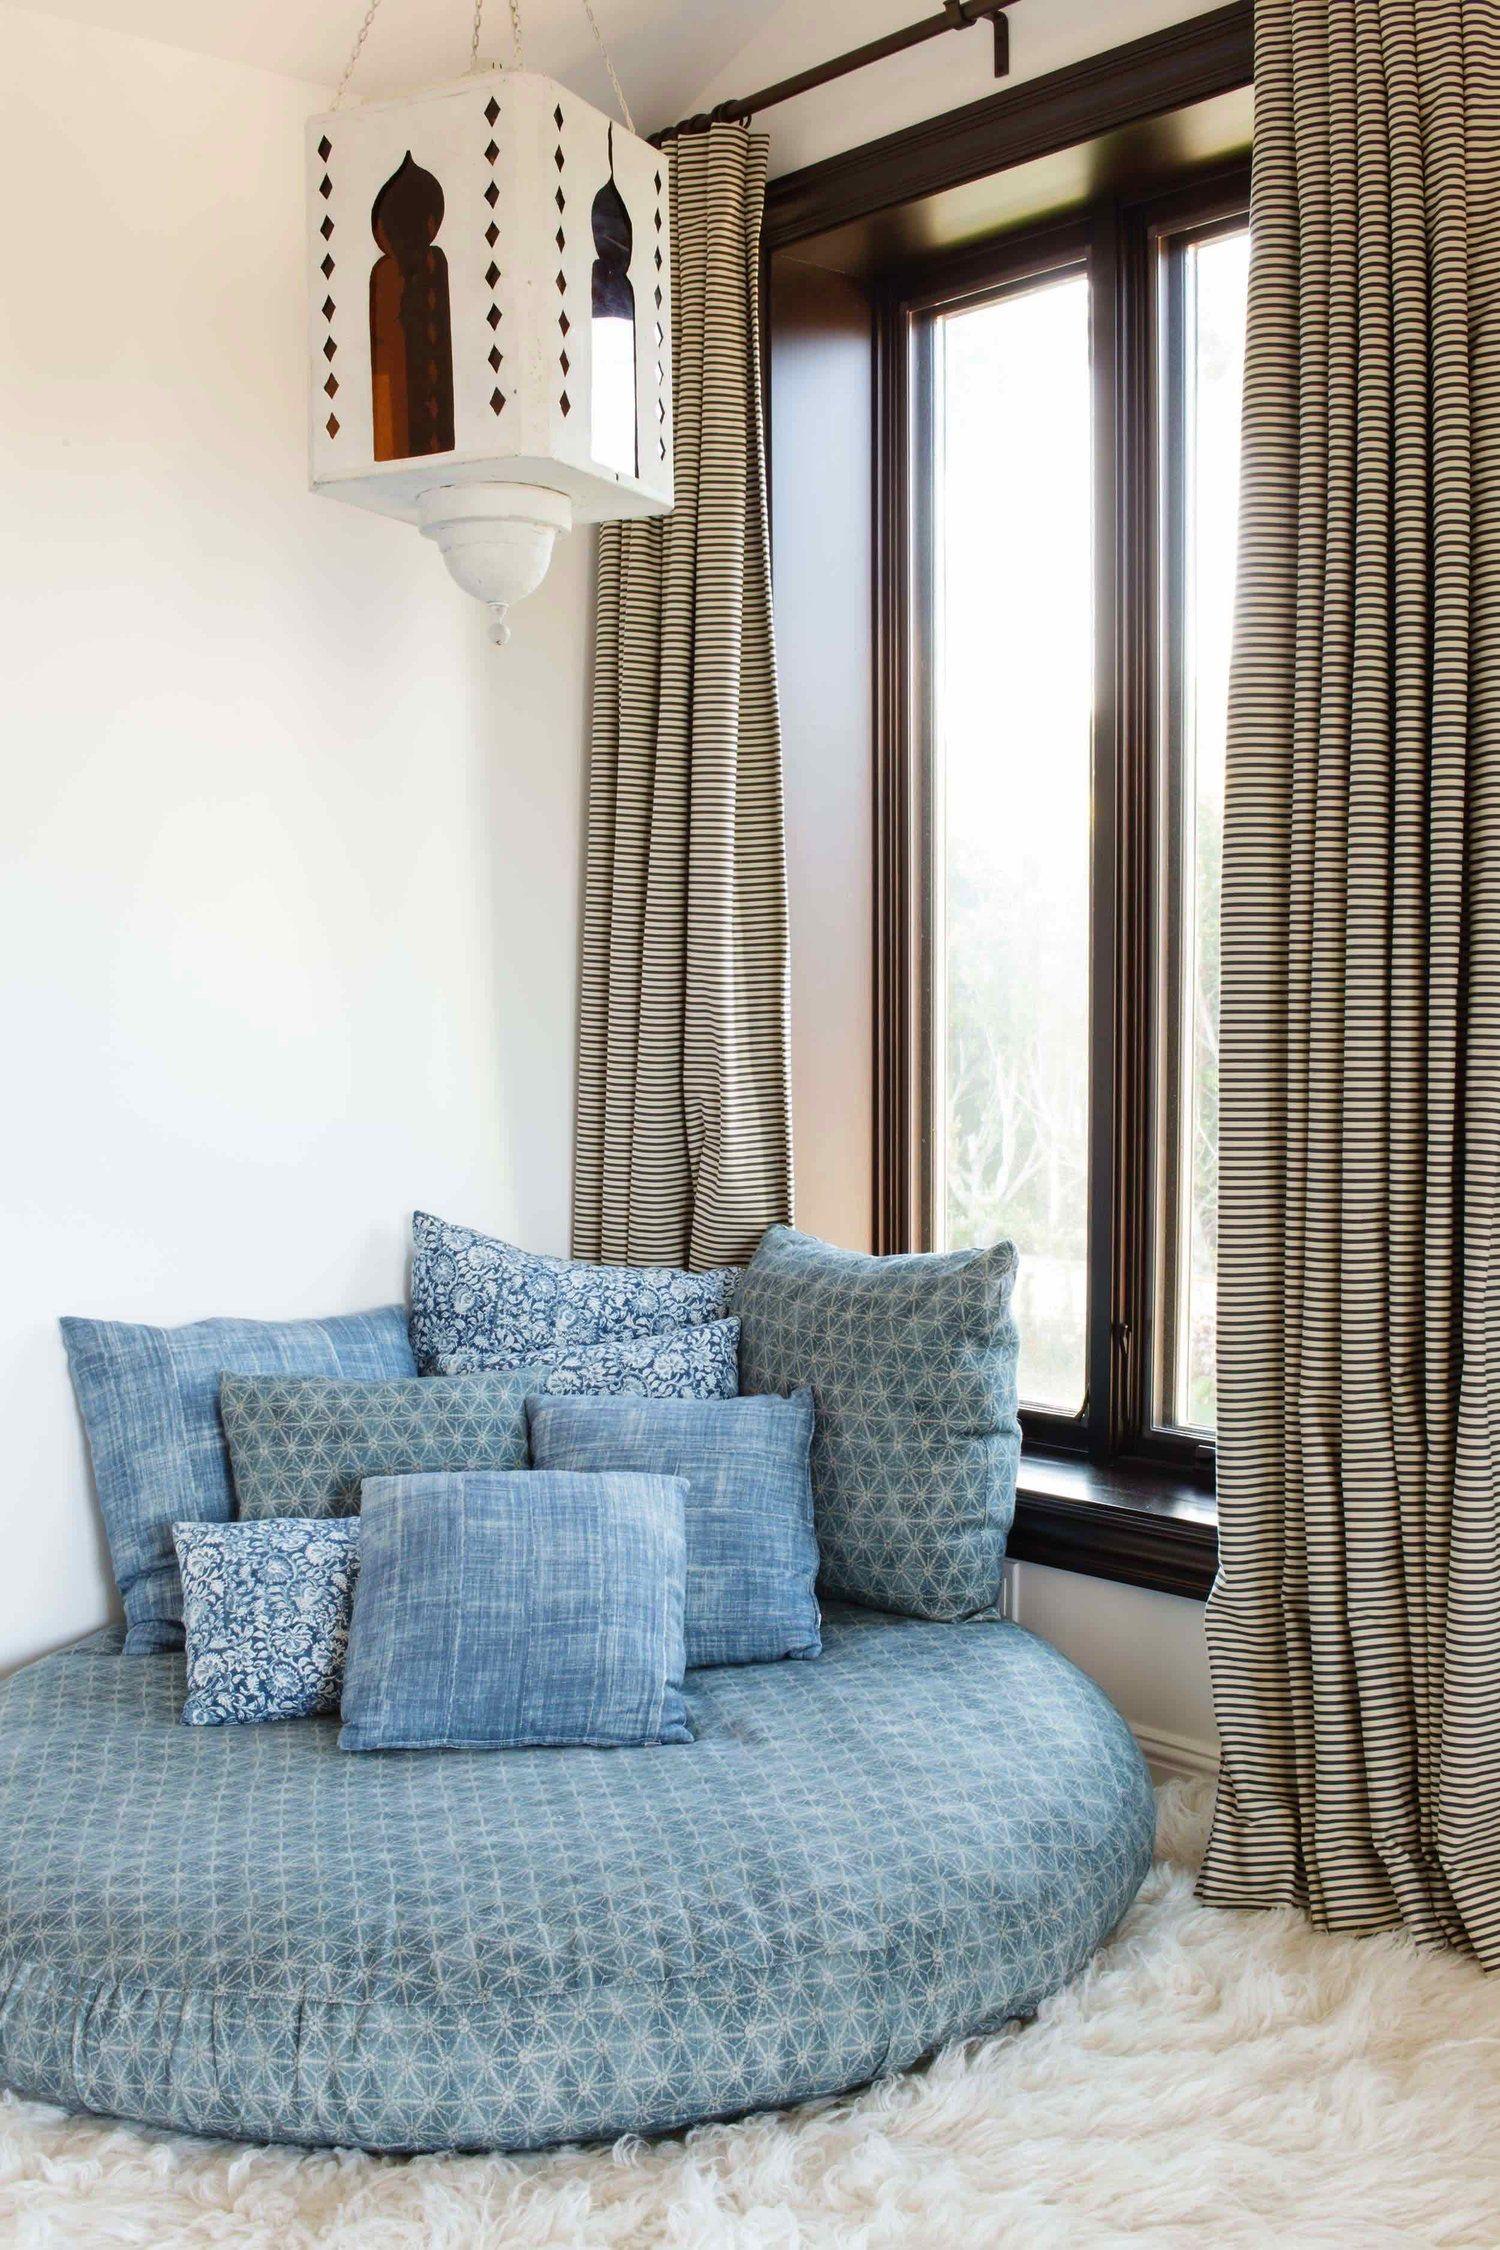 Existem modelos de puff redondo que mais parecem uma cama de tão confortáveis e aconchegantes.